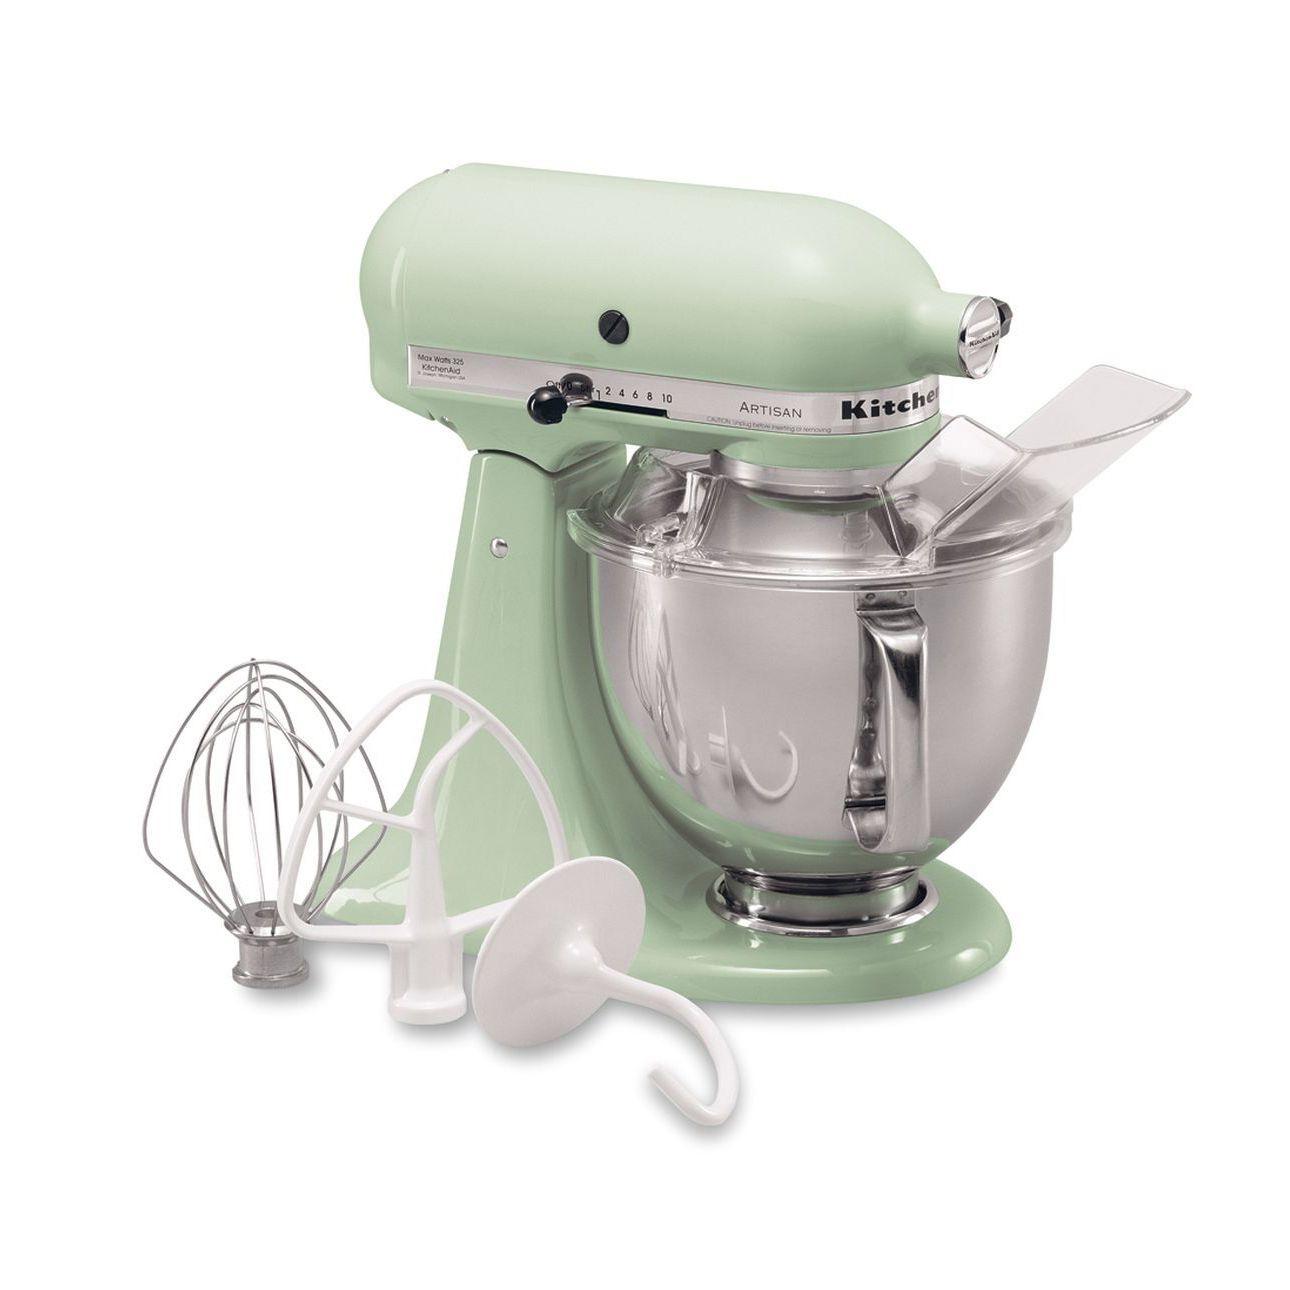 Kitchenaid artisan mixer pistachio 48 litre